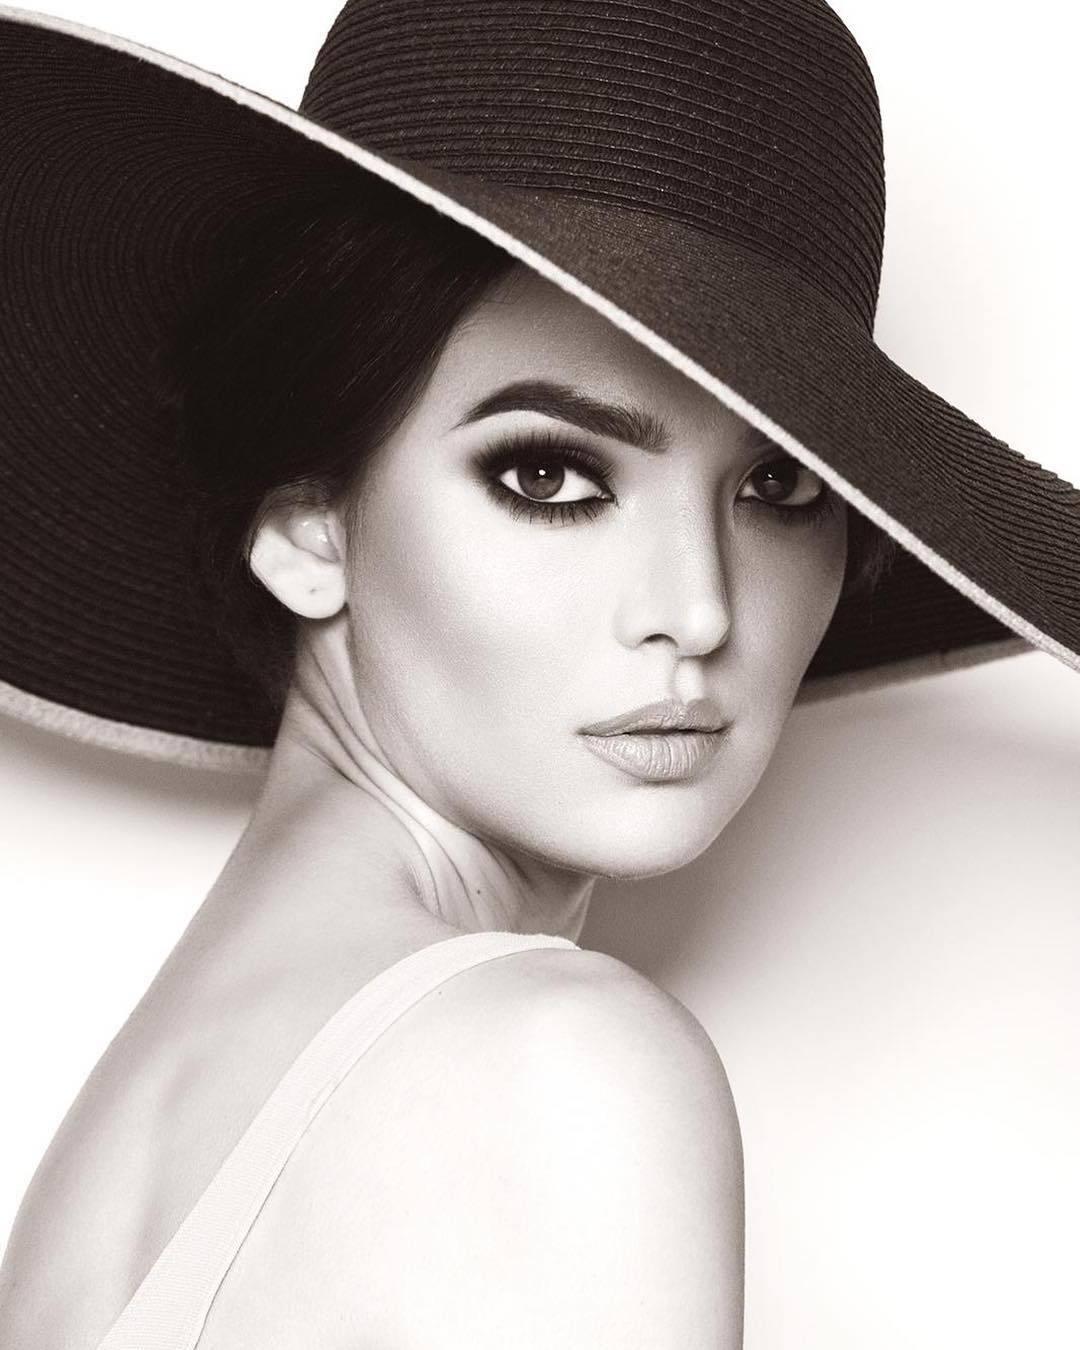 alejandra gonzalez, top 2 de miss usa 2019. - Página 6 57368934_2018665105102635_4120896548250717865_n